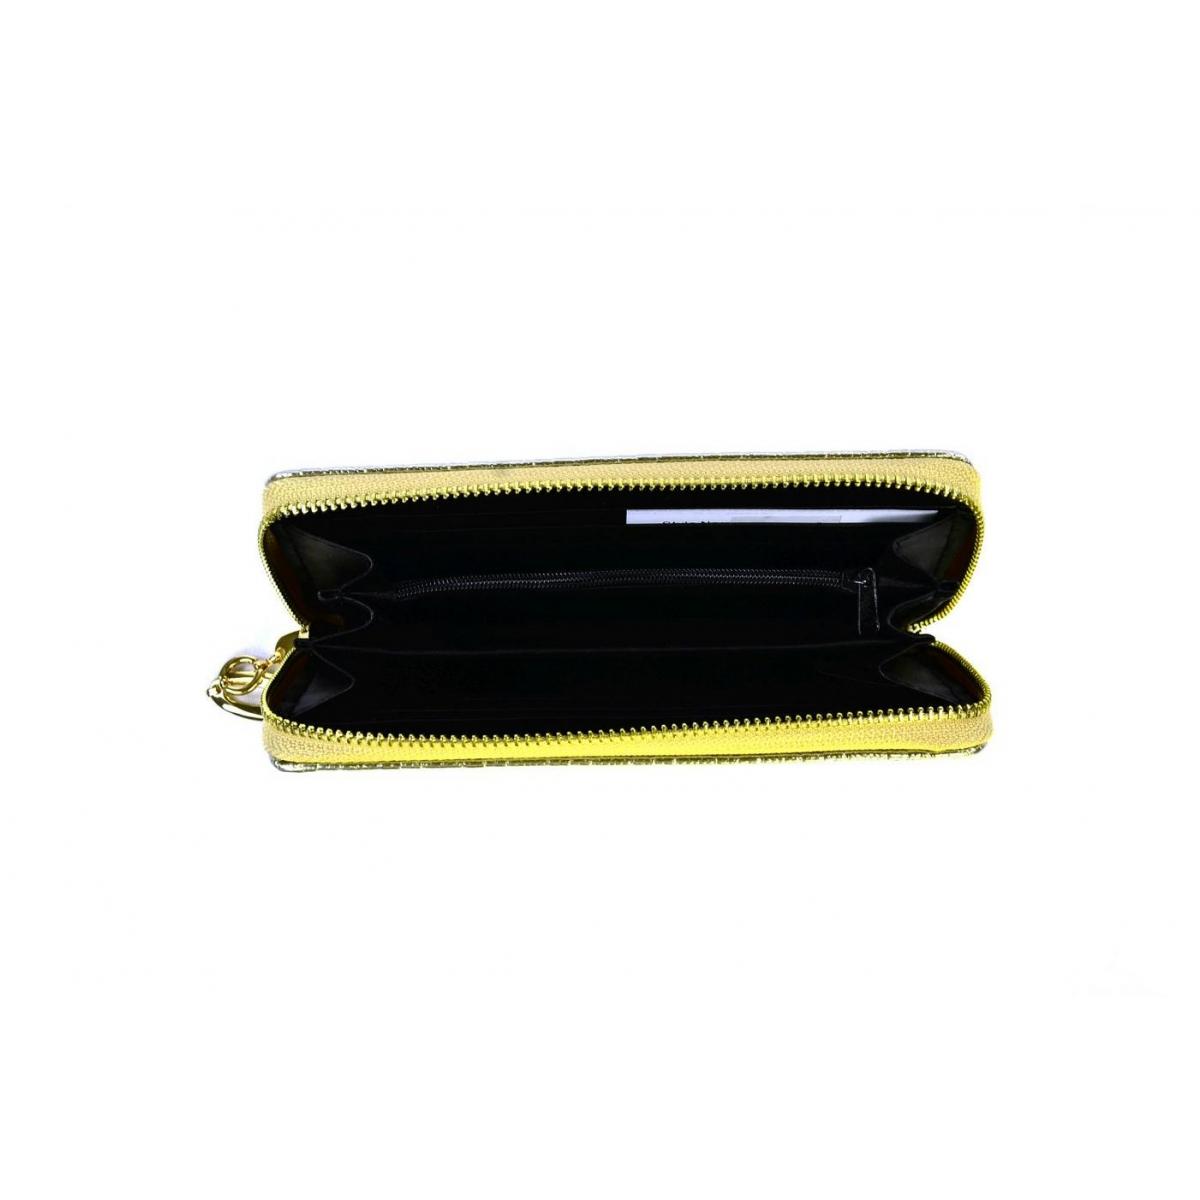 Dámska zlatá peňaženka FIORENTINA - 3 6e81097dc8b